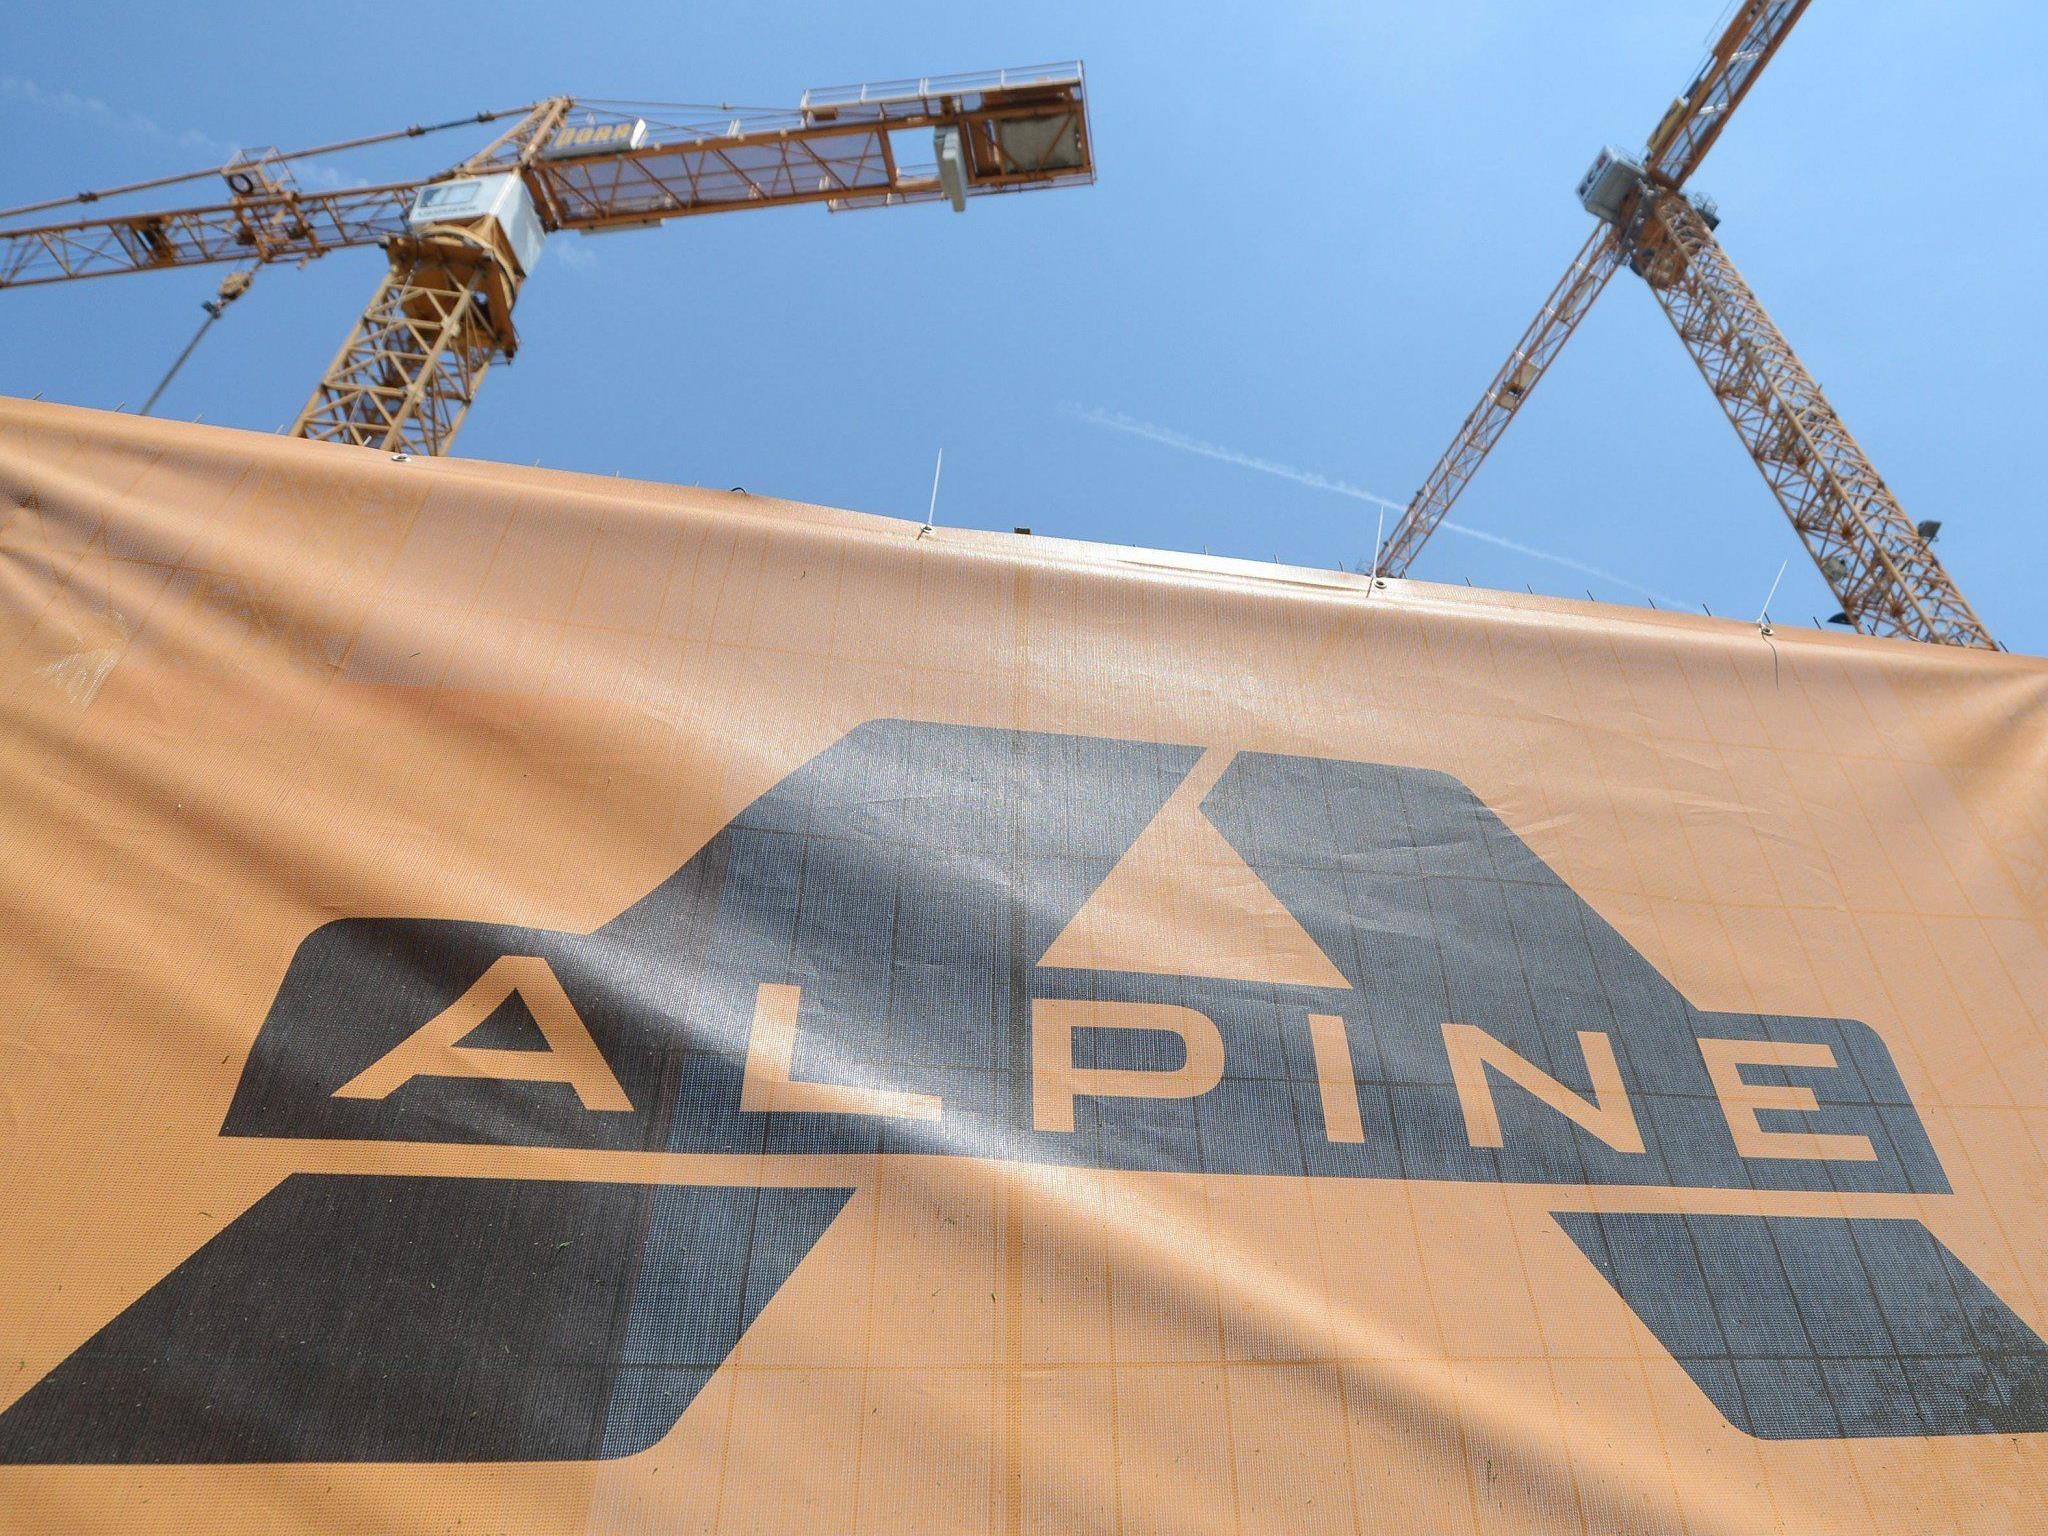 Bei den Masseverhandlungen des Baukonzerns Alpine könnten die Gläubiger komplett leer ausgehen.